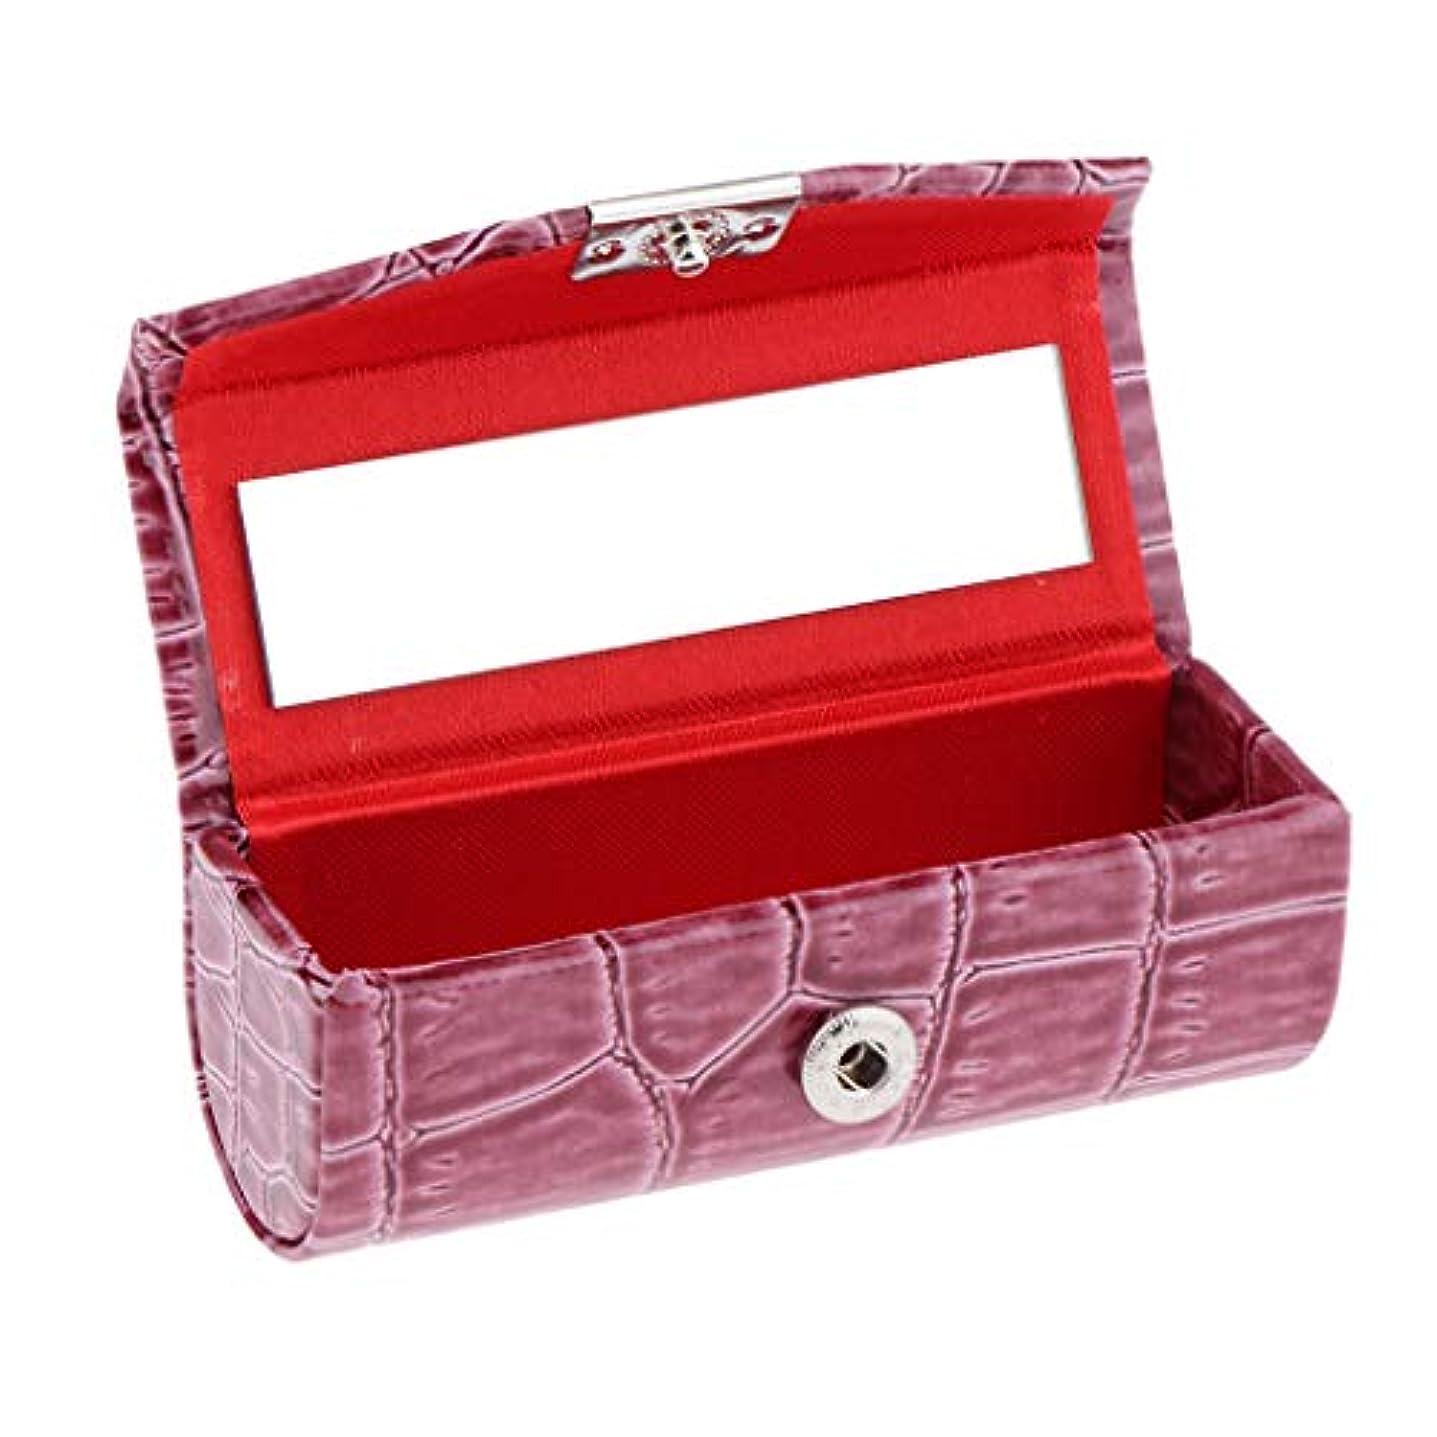 キャリアアクションうっかりIPOTCH レザー リップスティックケース 口紅ホルダー ミラー 収納ボックス 多色選べ - カメオブラウン